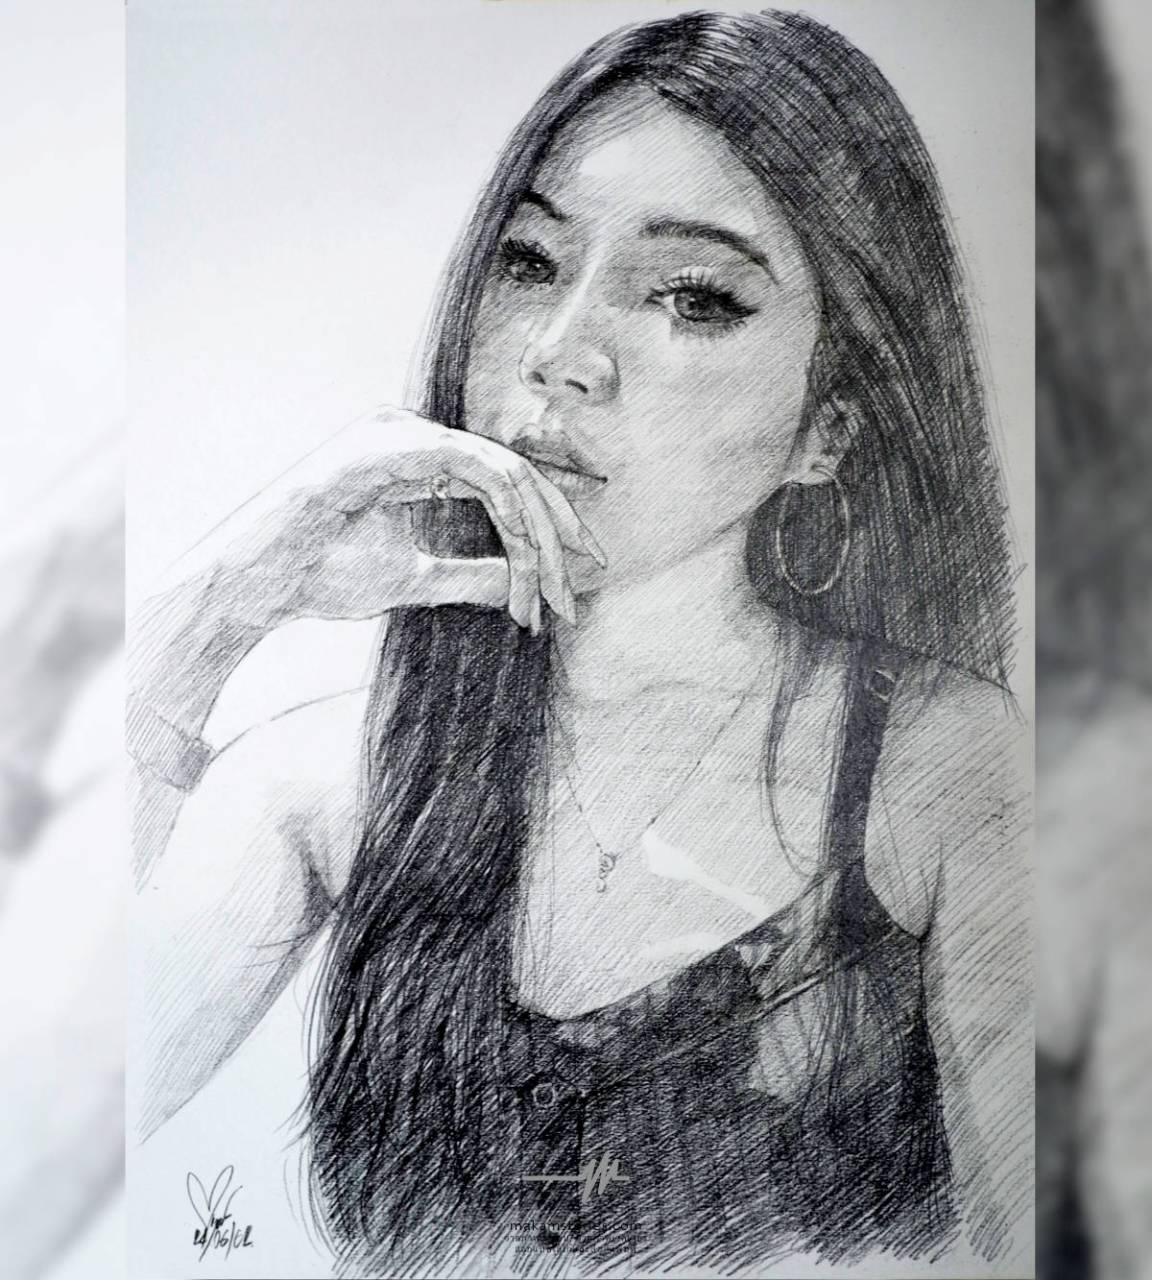 ภาพเหมือนลาดเส้น (Drawing) ภาพวาดภาพเหมือนผู้หญิง